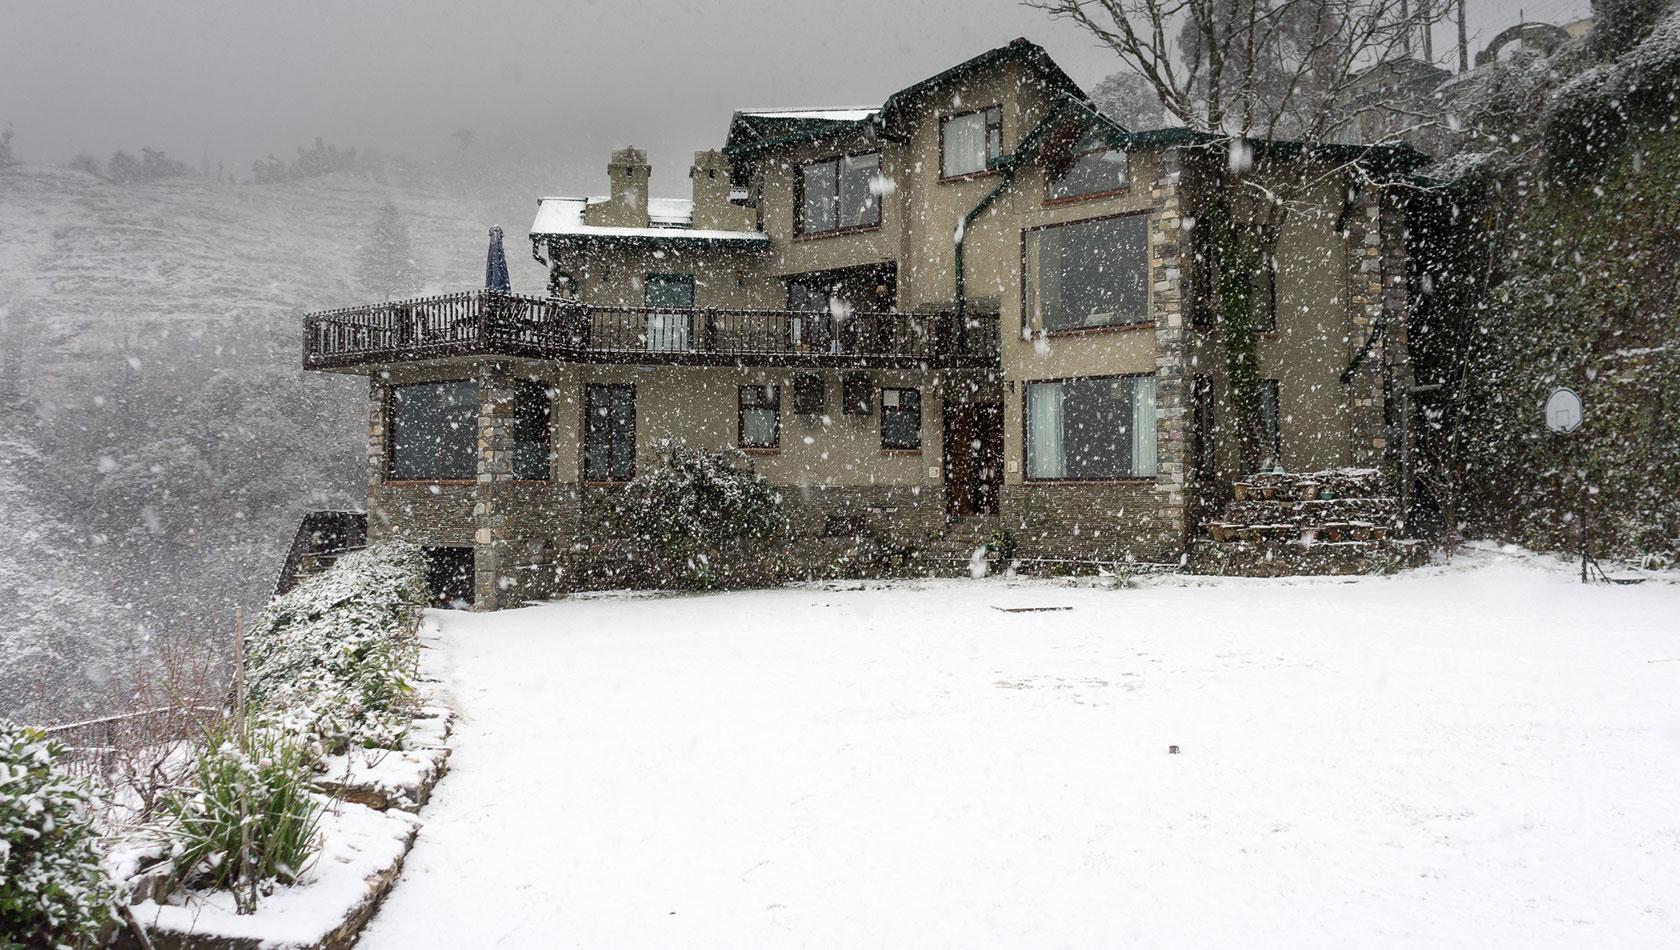 Snowfall at Soulitude Hotel